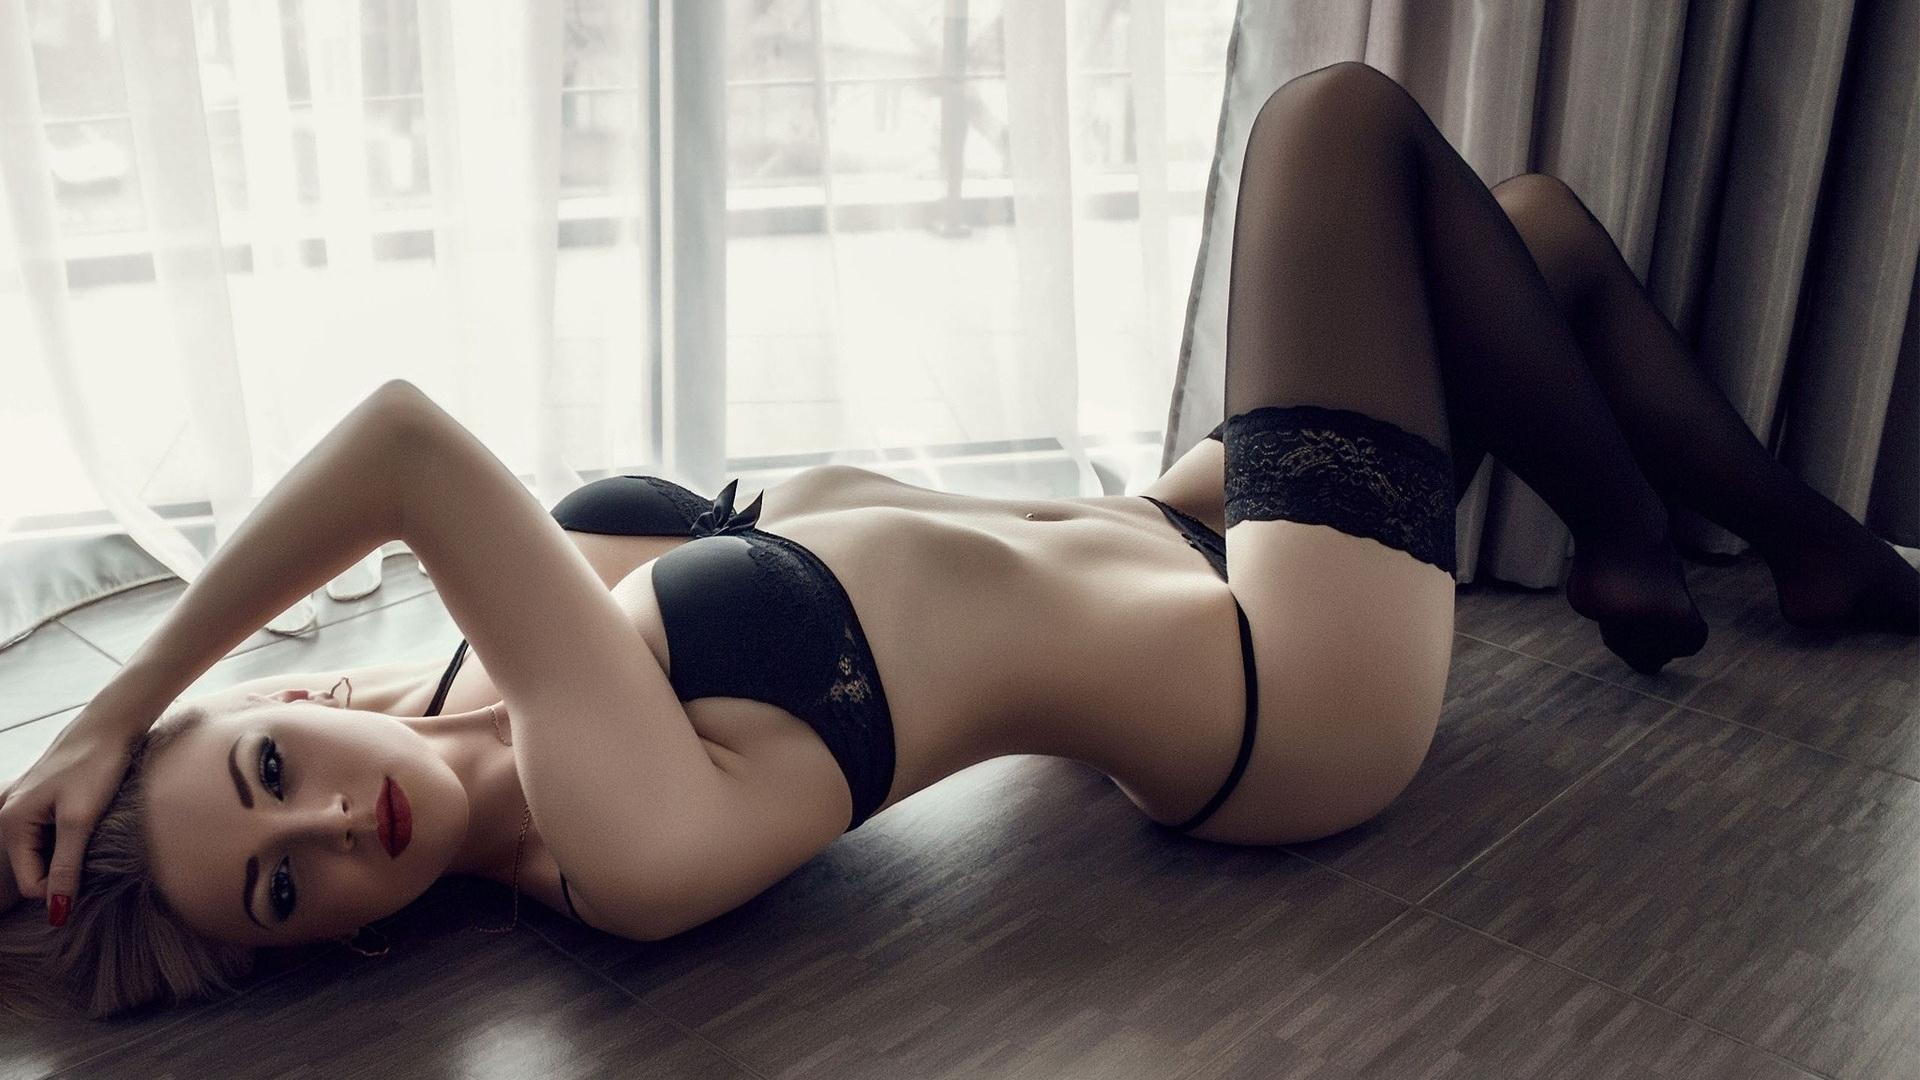 Лучшие проститутки Москвы 18+